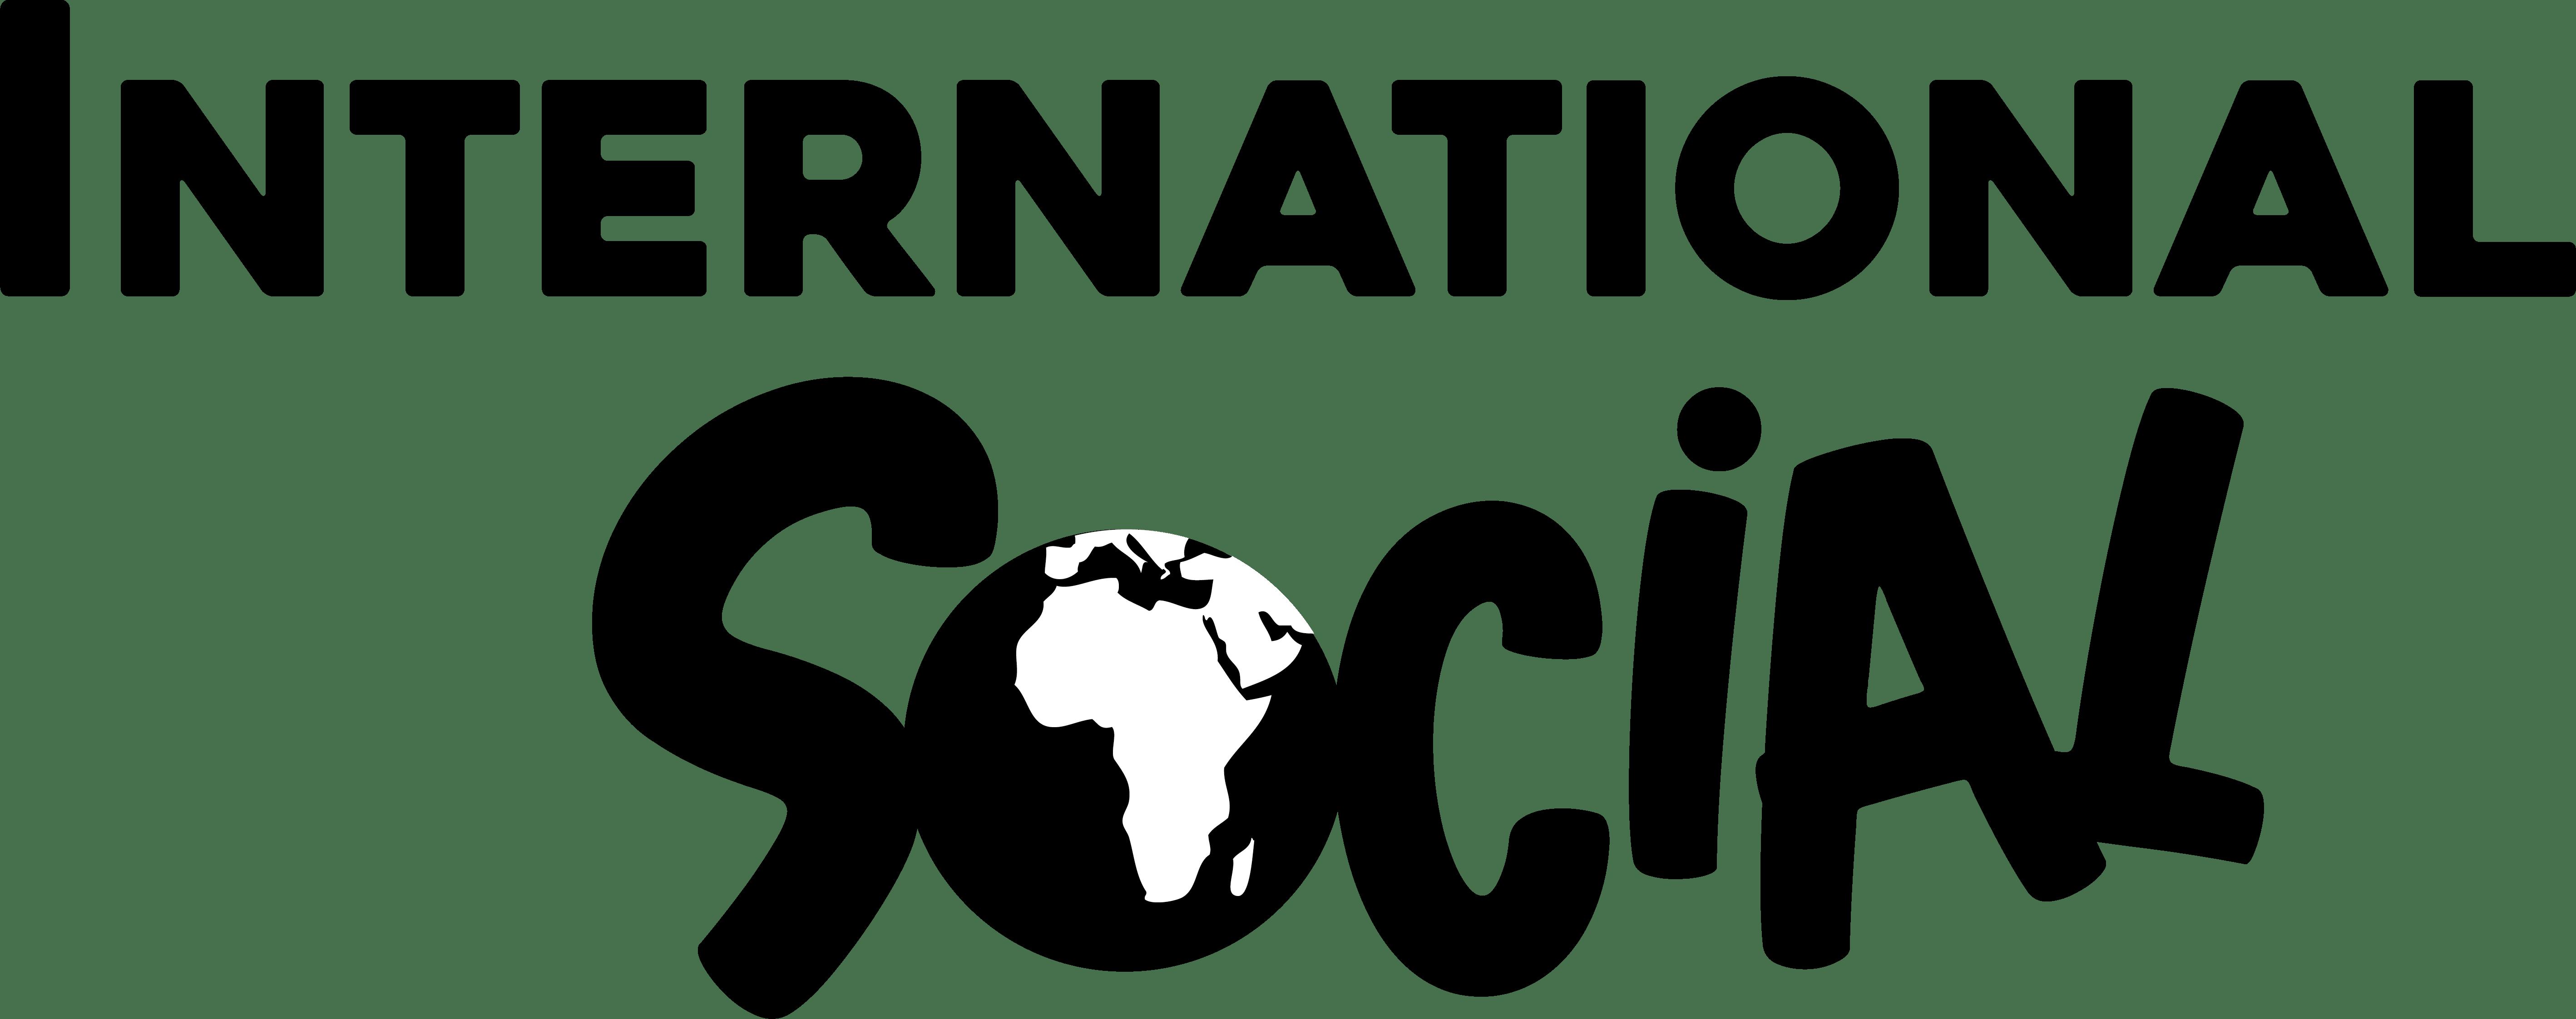 International Social Logo